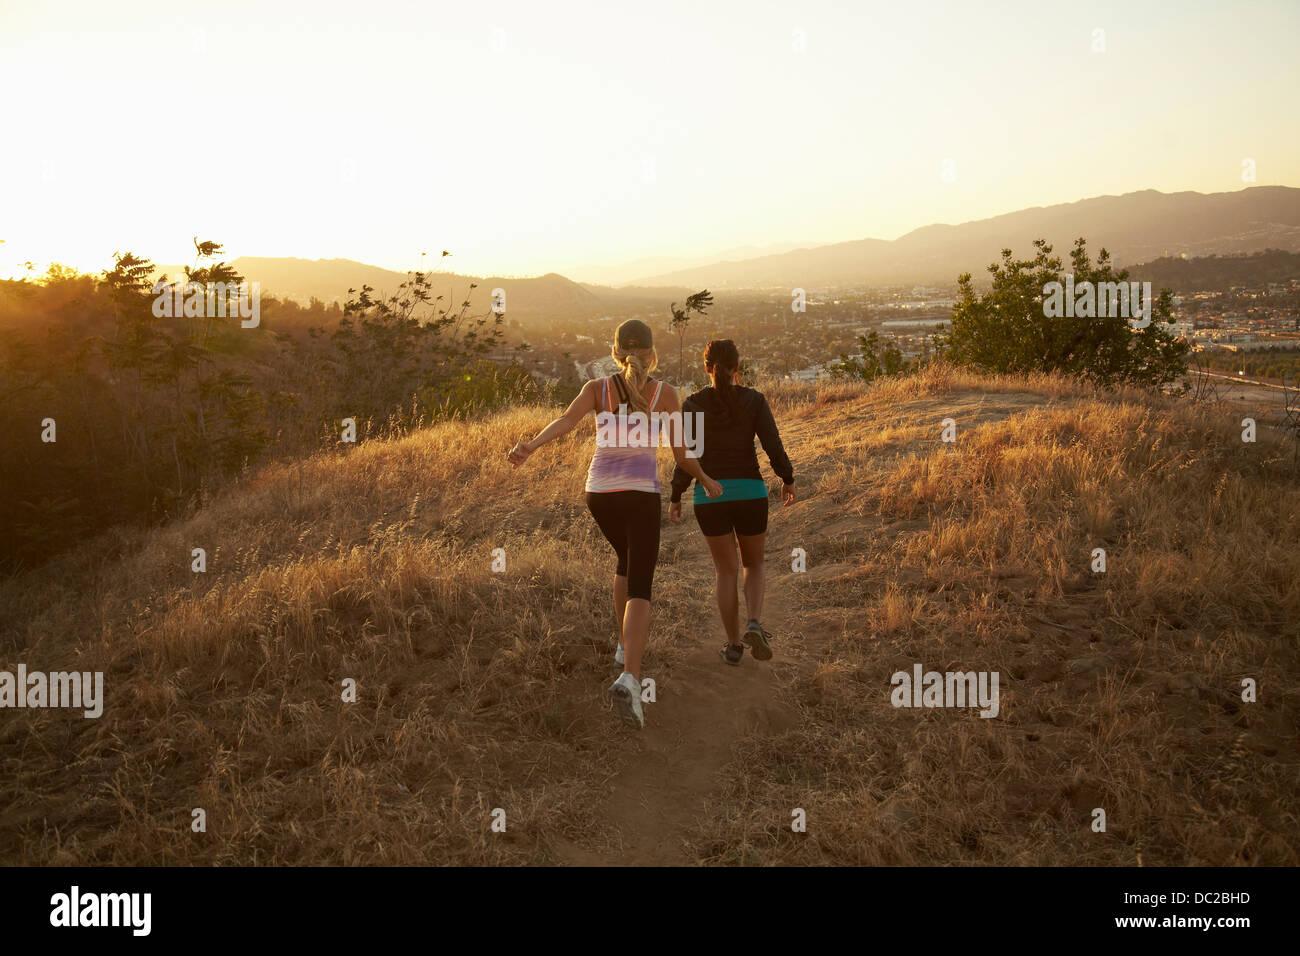 Women walking on dry landscape - Stock Image